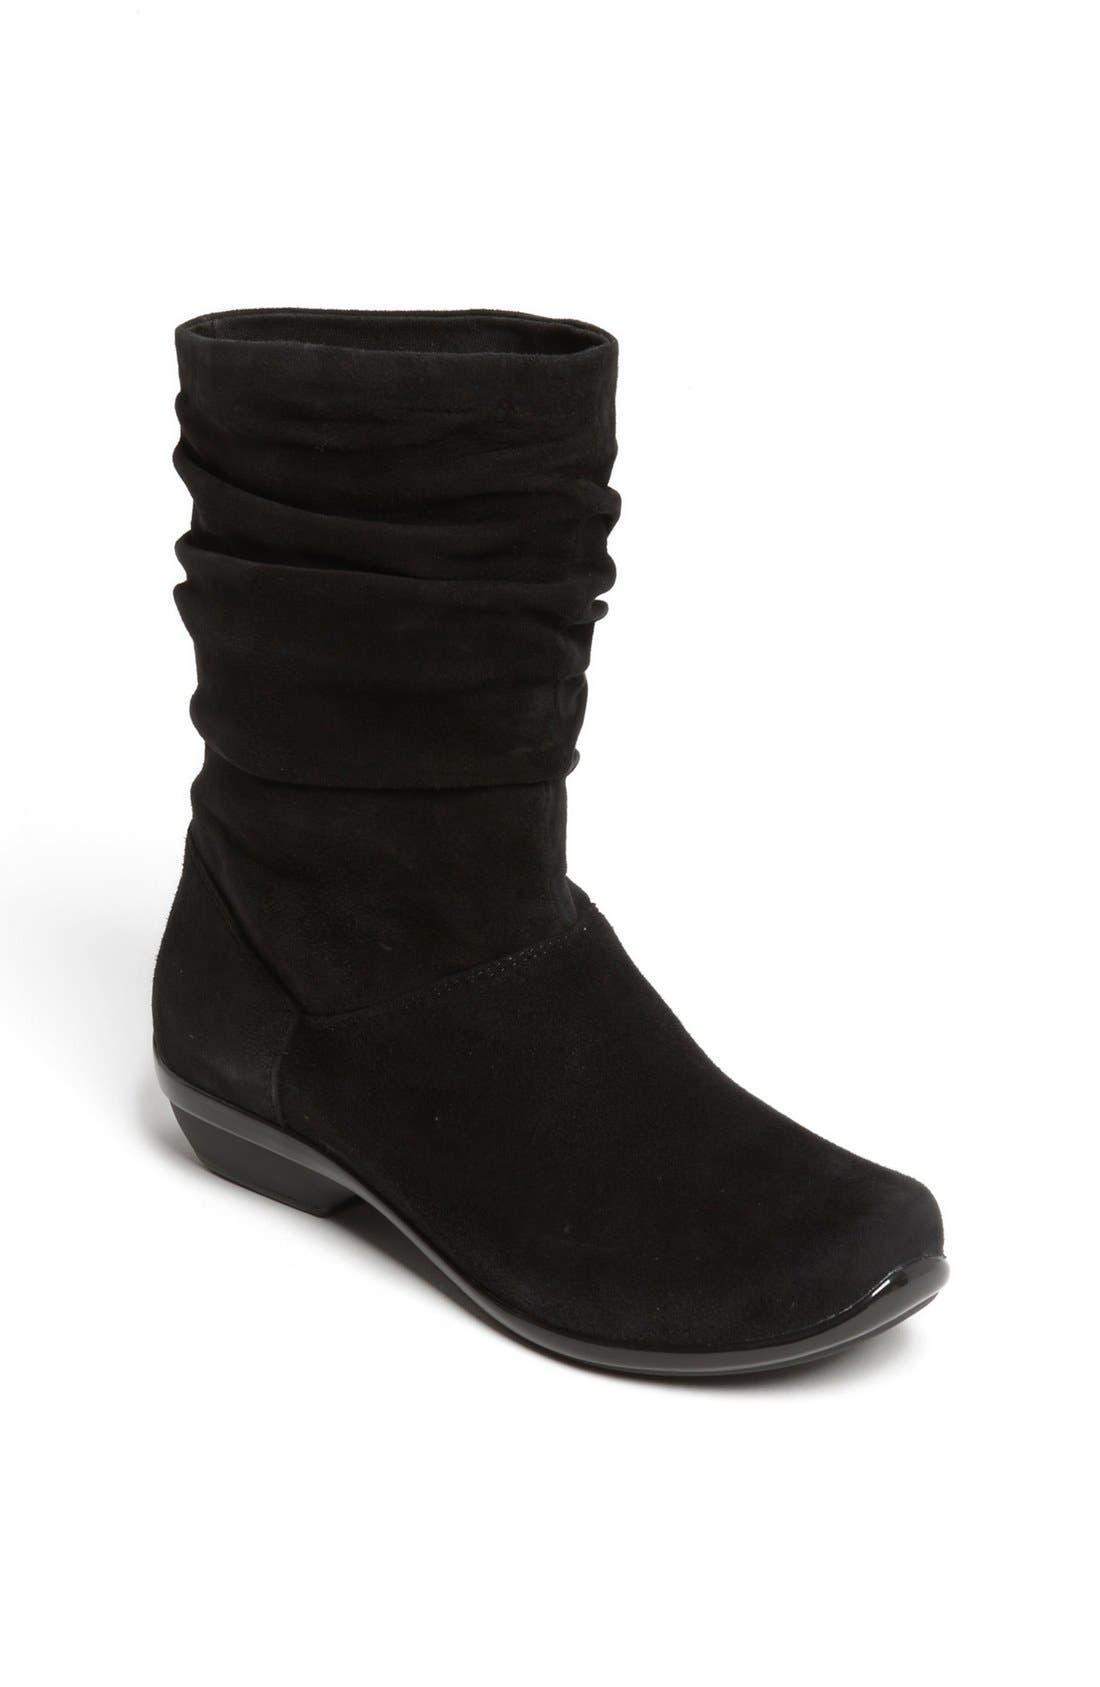 Main Image - Dankso 'Olga' Boot